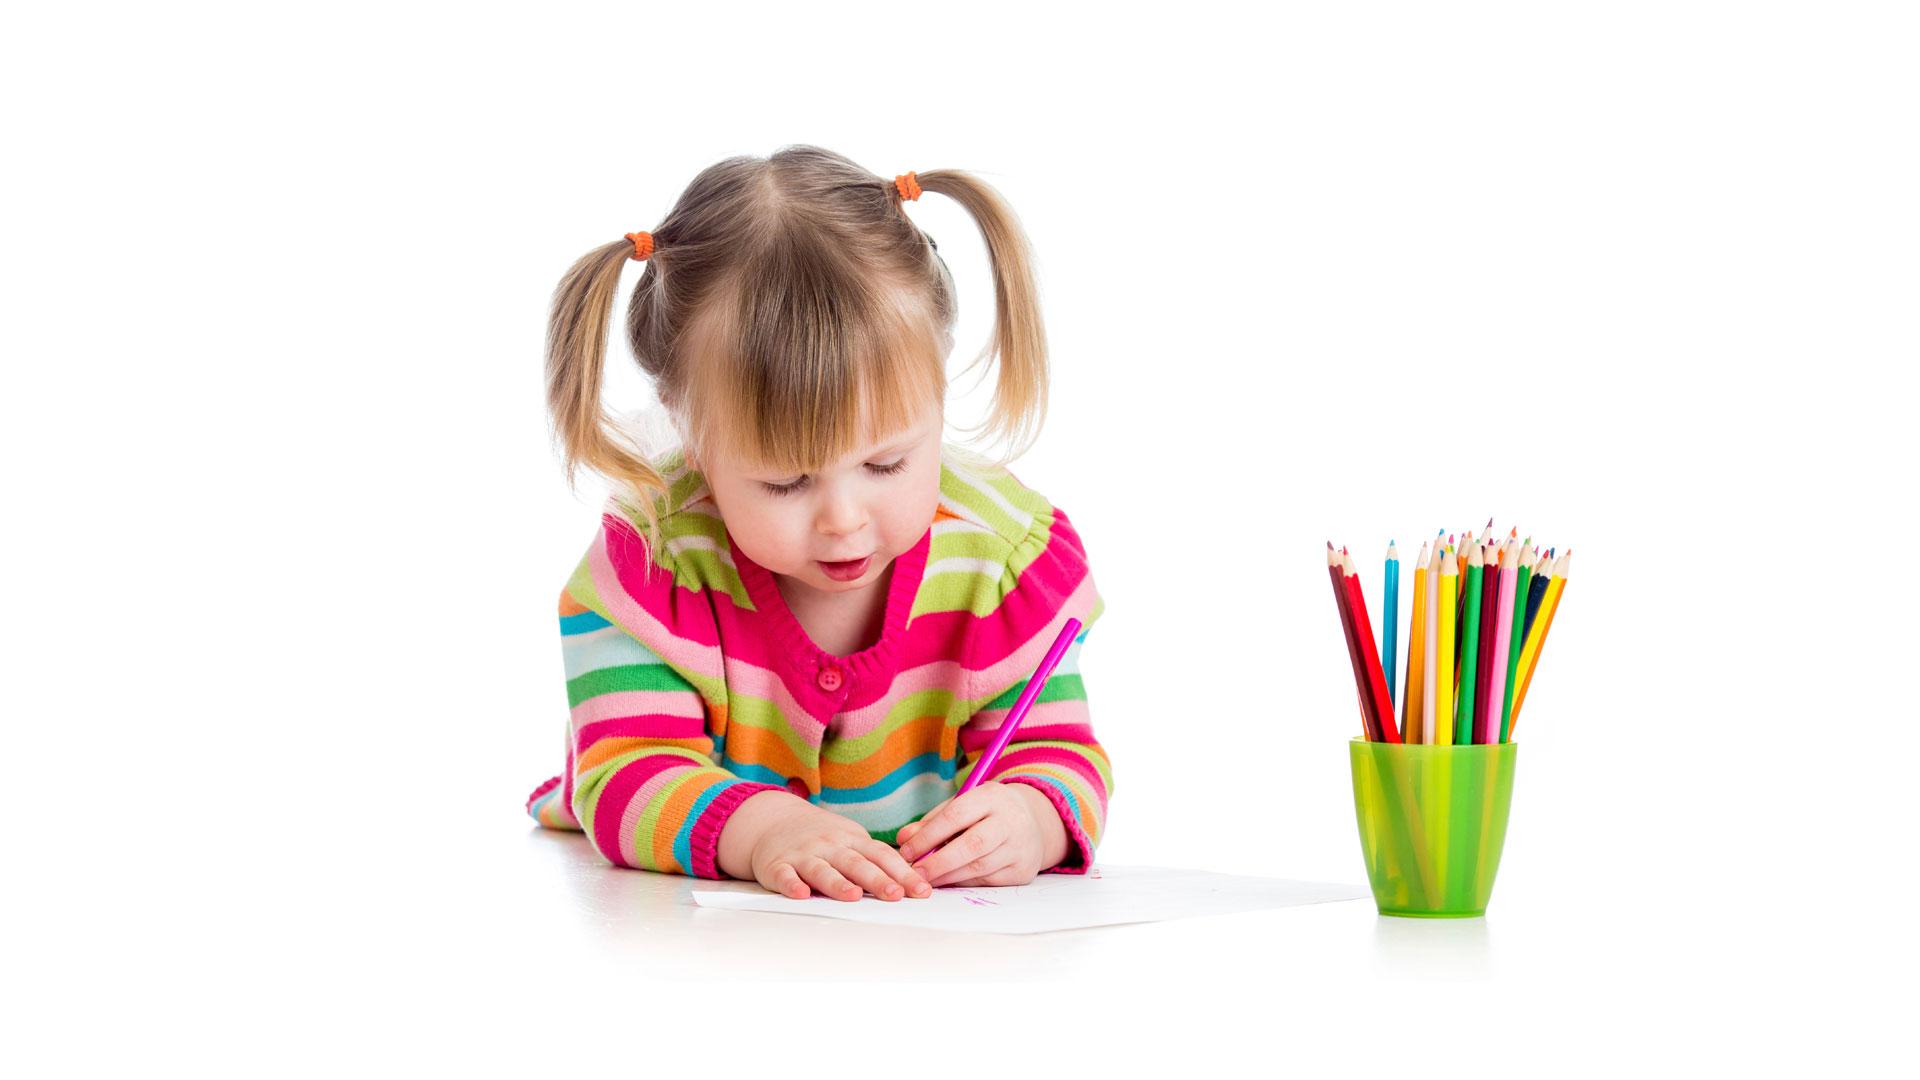 Alrededor de un 13% de la población utiliza su mano izquierda para escribir